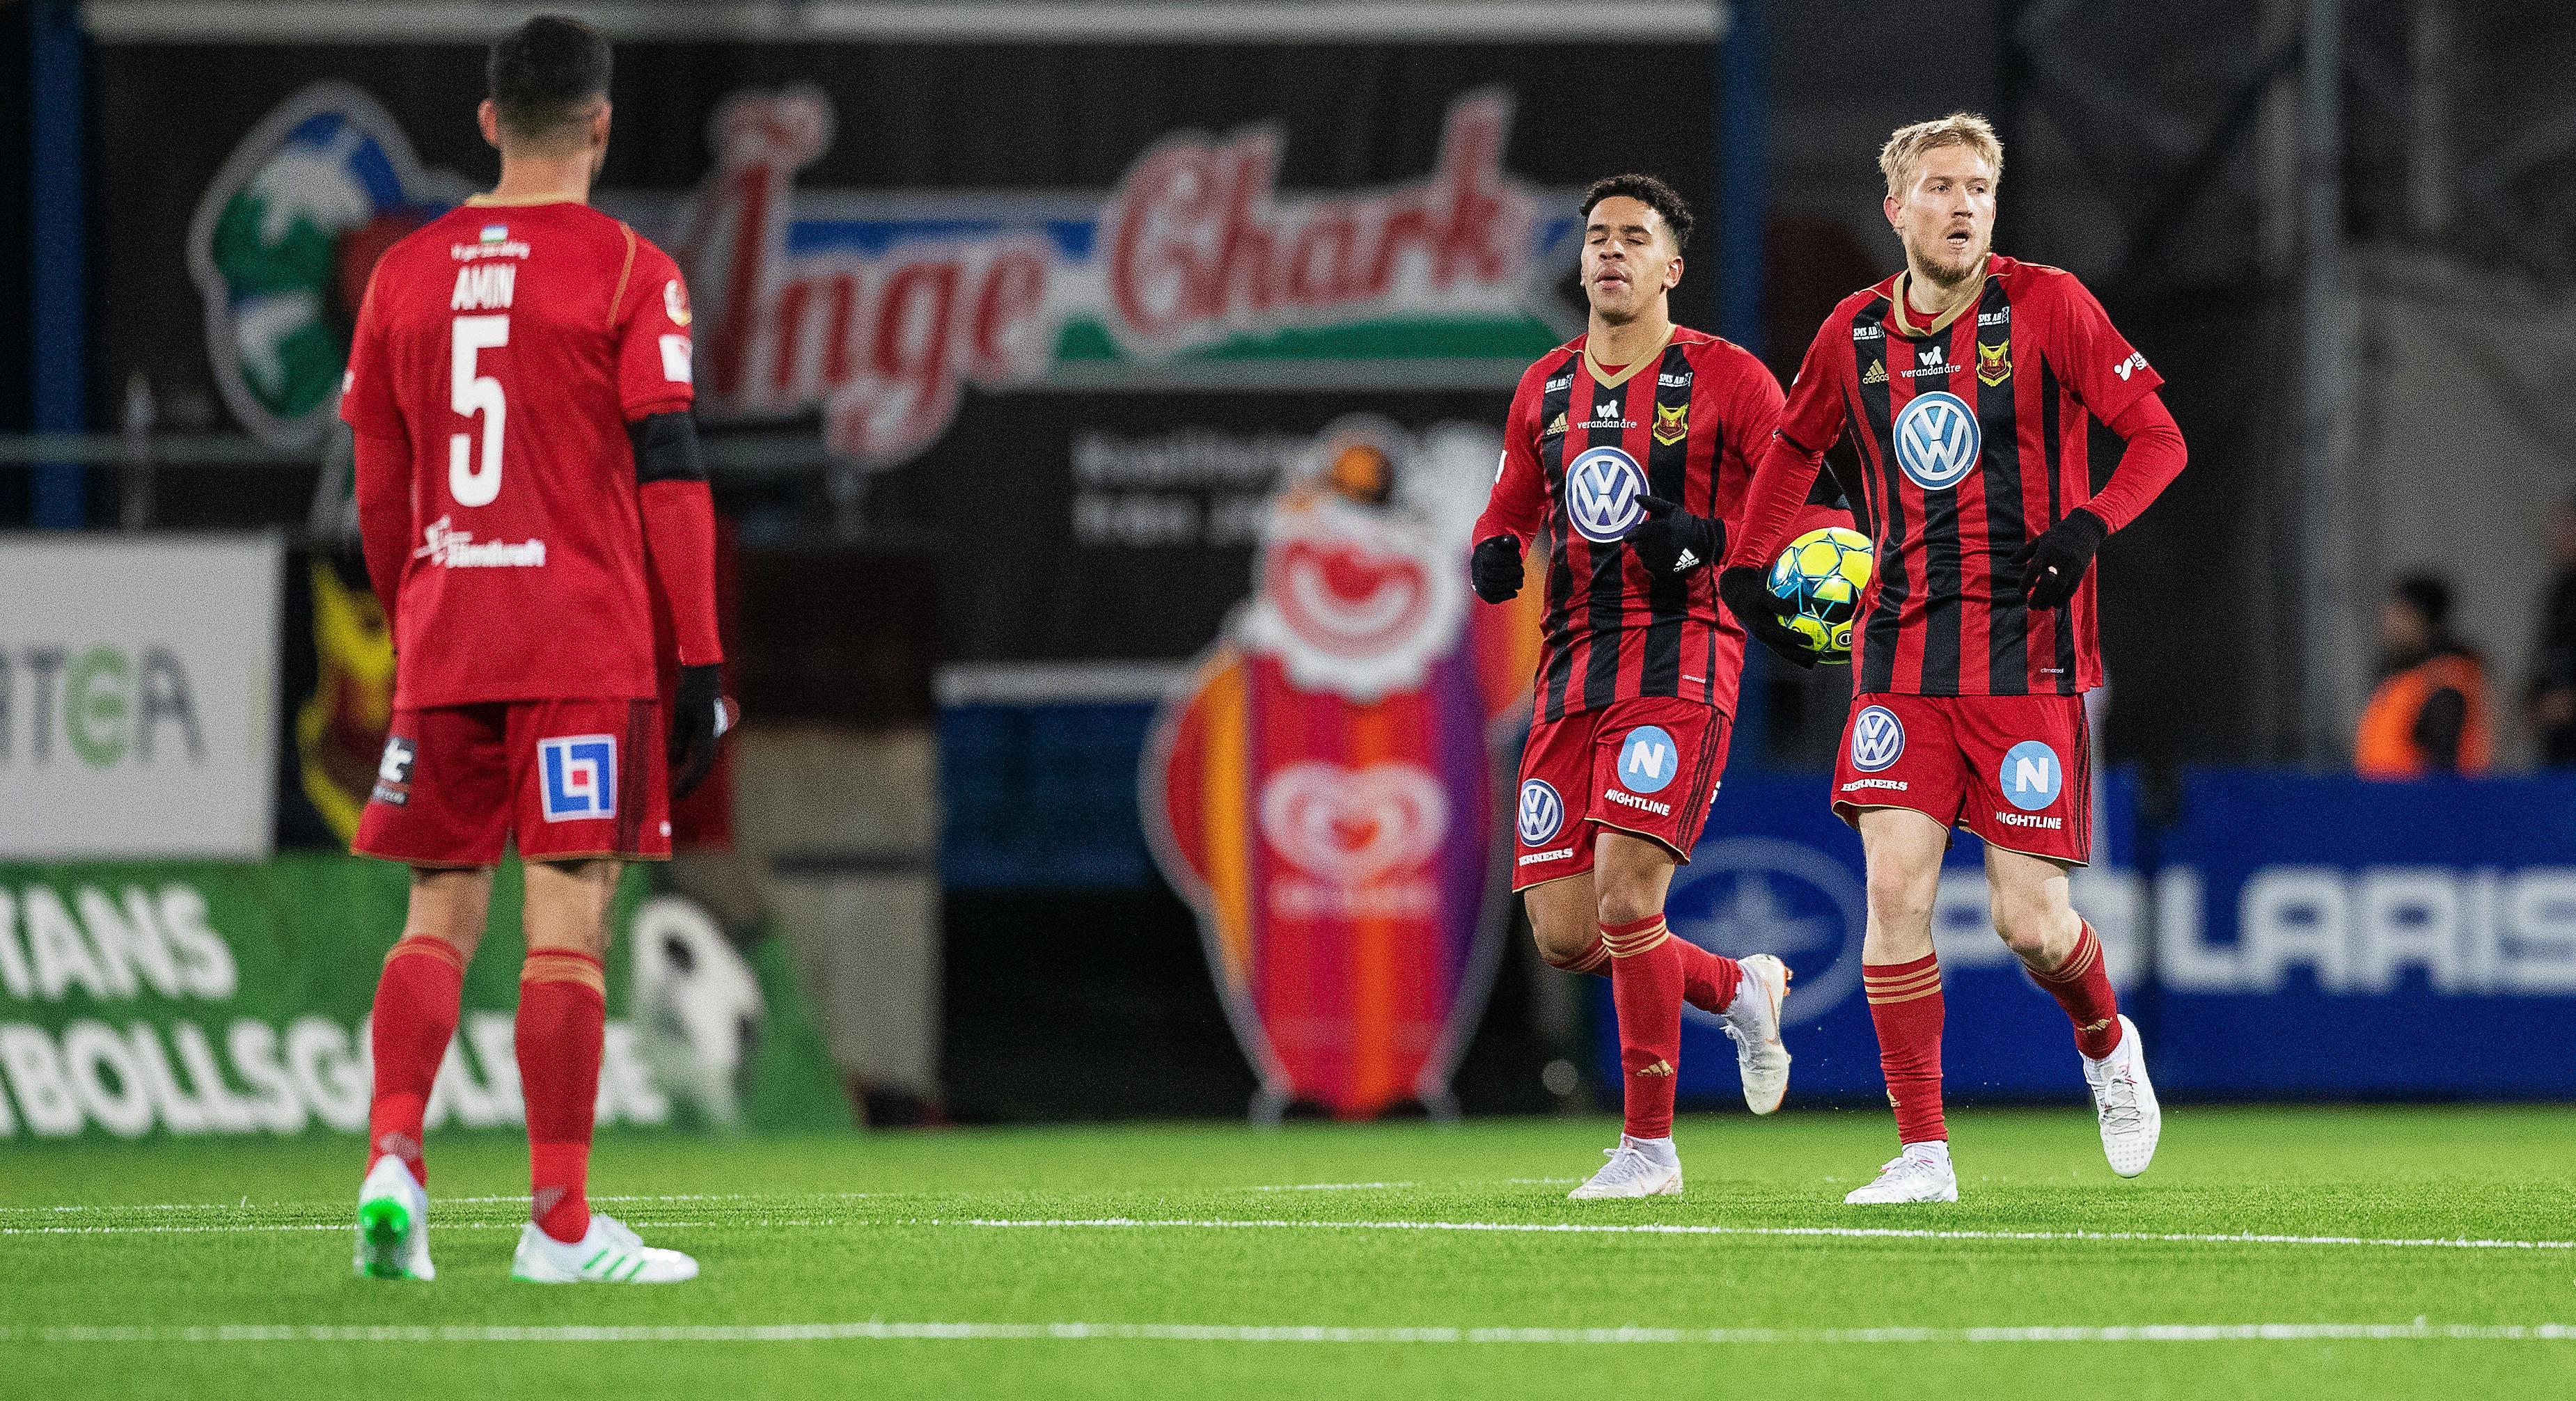 Östersund föll mot lag från norska tredjedivisionen - spelade med halva A-truppen